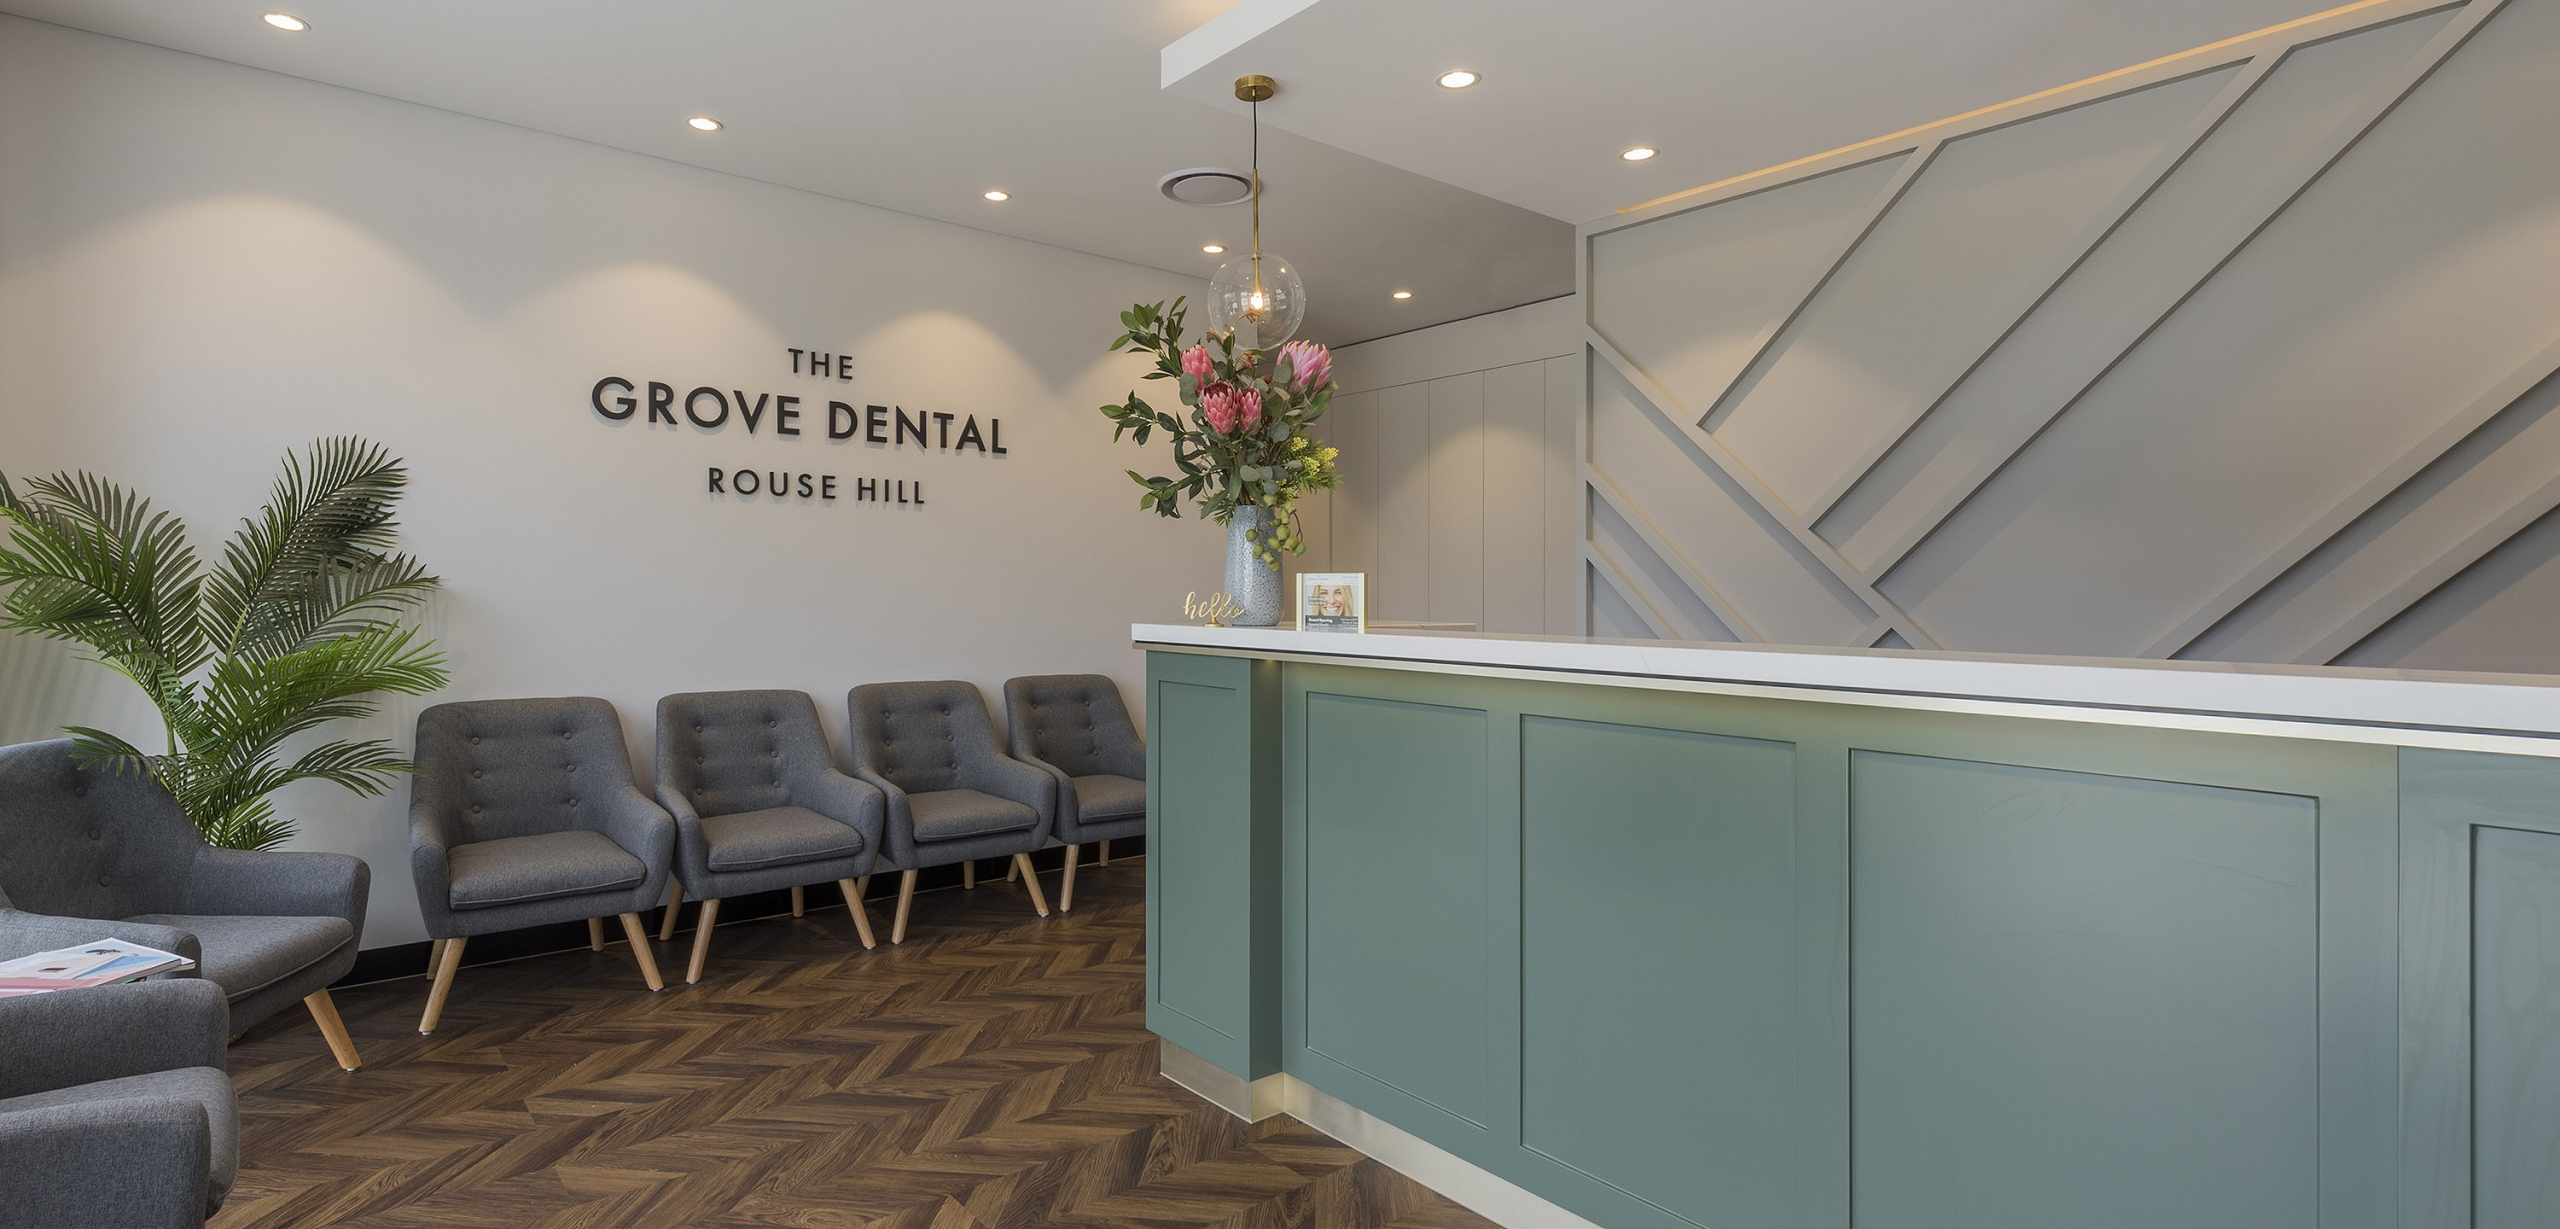 friendly dental treatment by dr britt at the grove dental